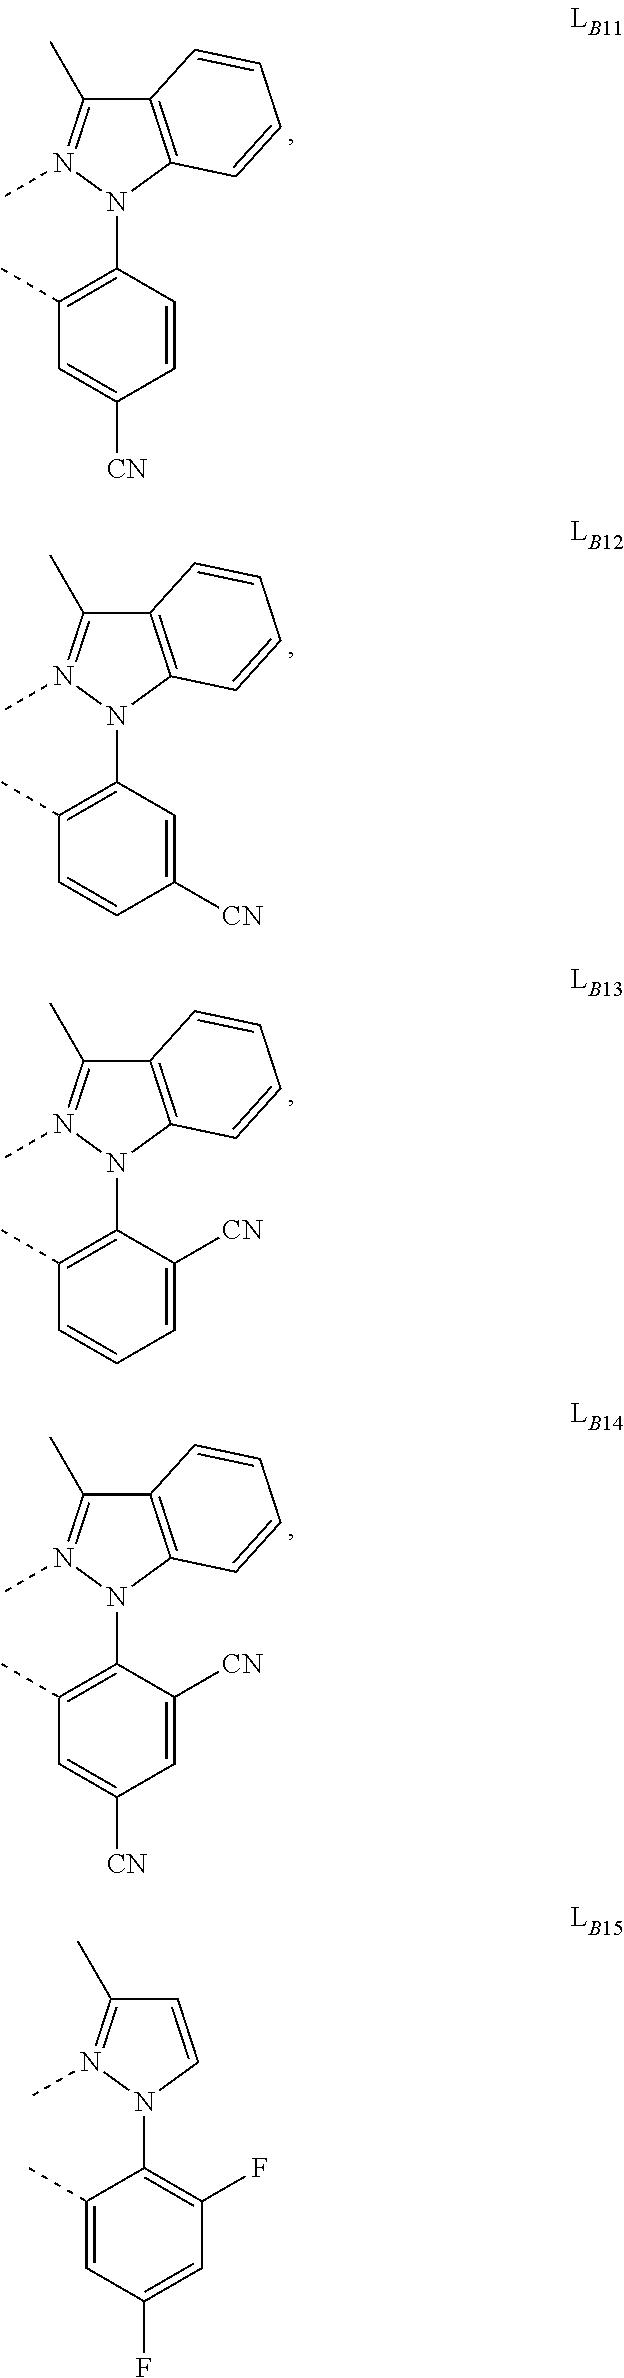 Figure US09905785-20180227-C00500